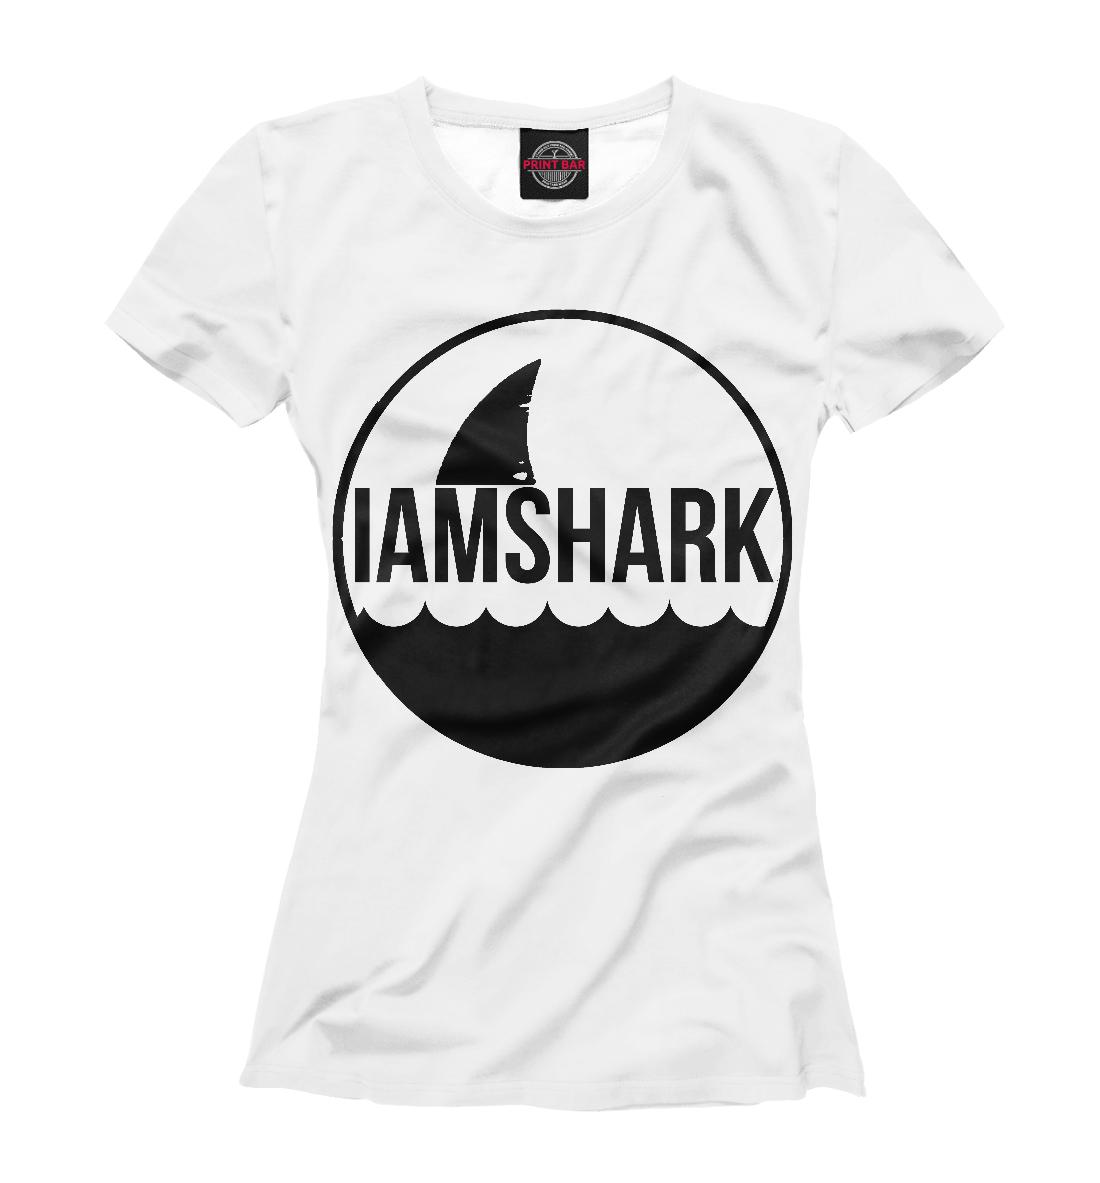 Купить Shark, Printbar, Футболки, AKL-290678-fut-1